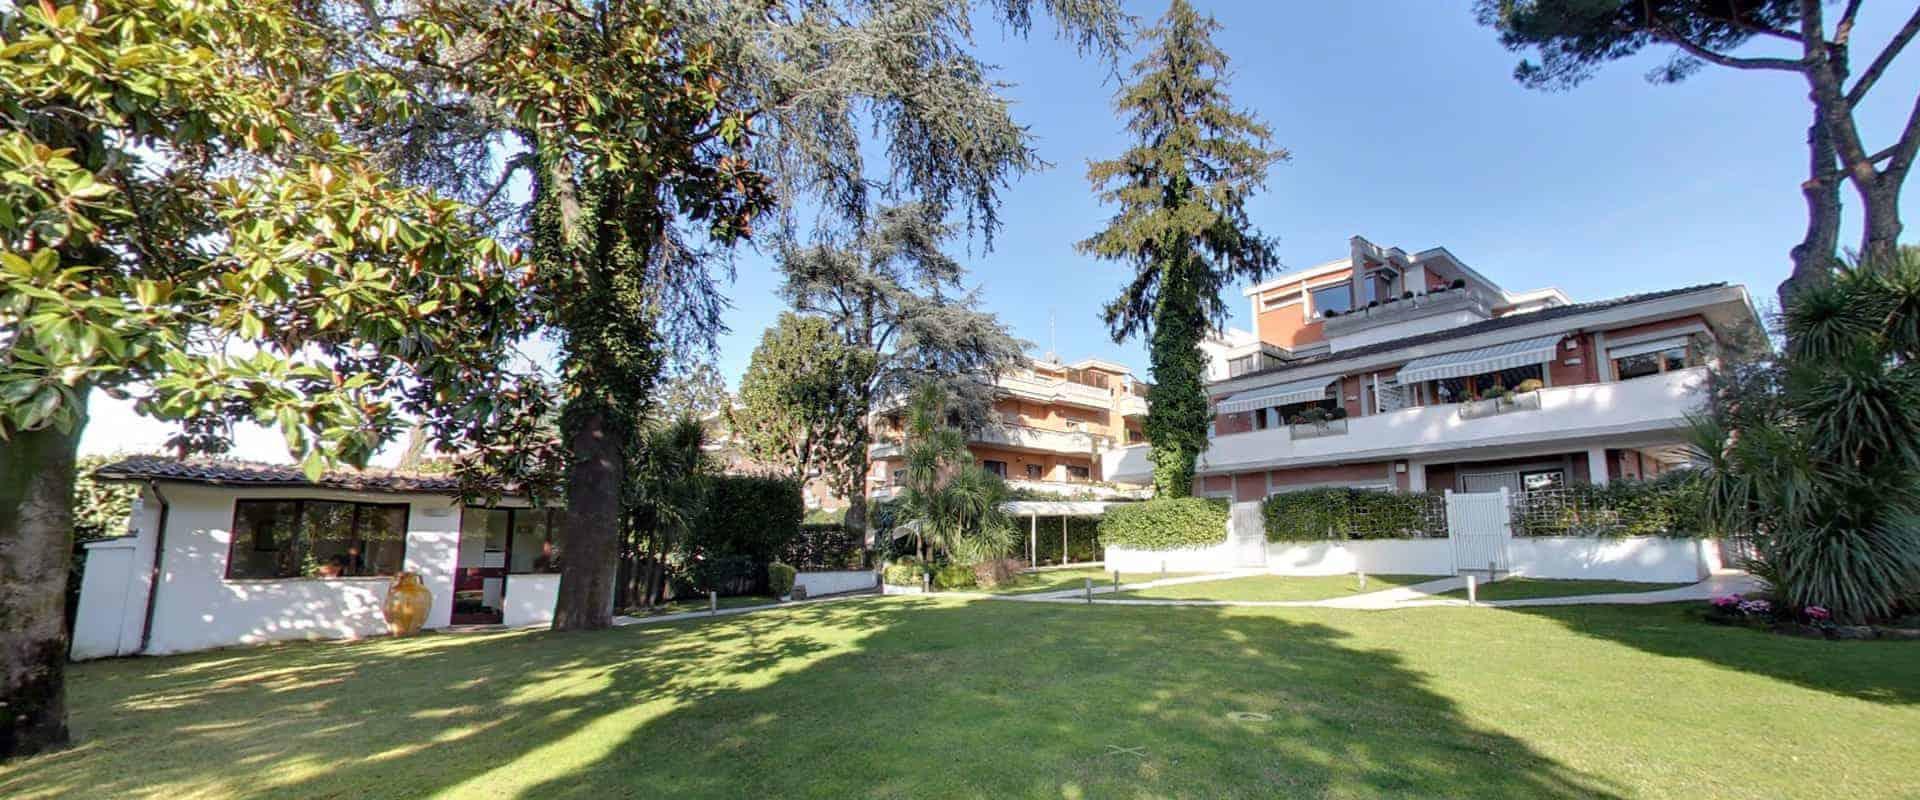 Appartamenti affitto breve termine roma scegli un residence Appartamenti arredati in affitto a roma